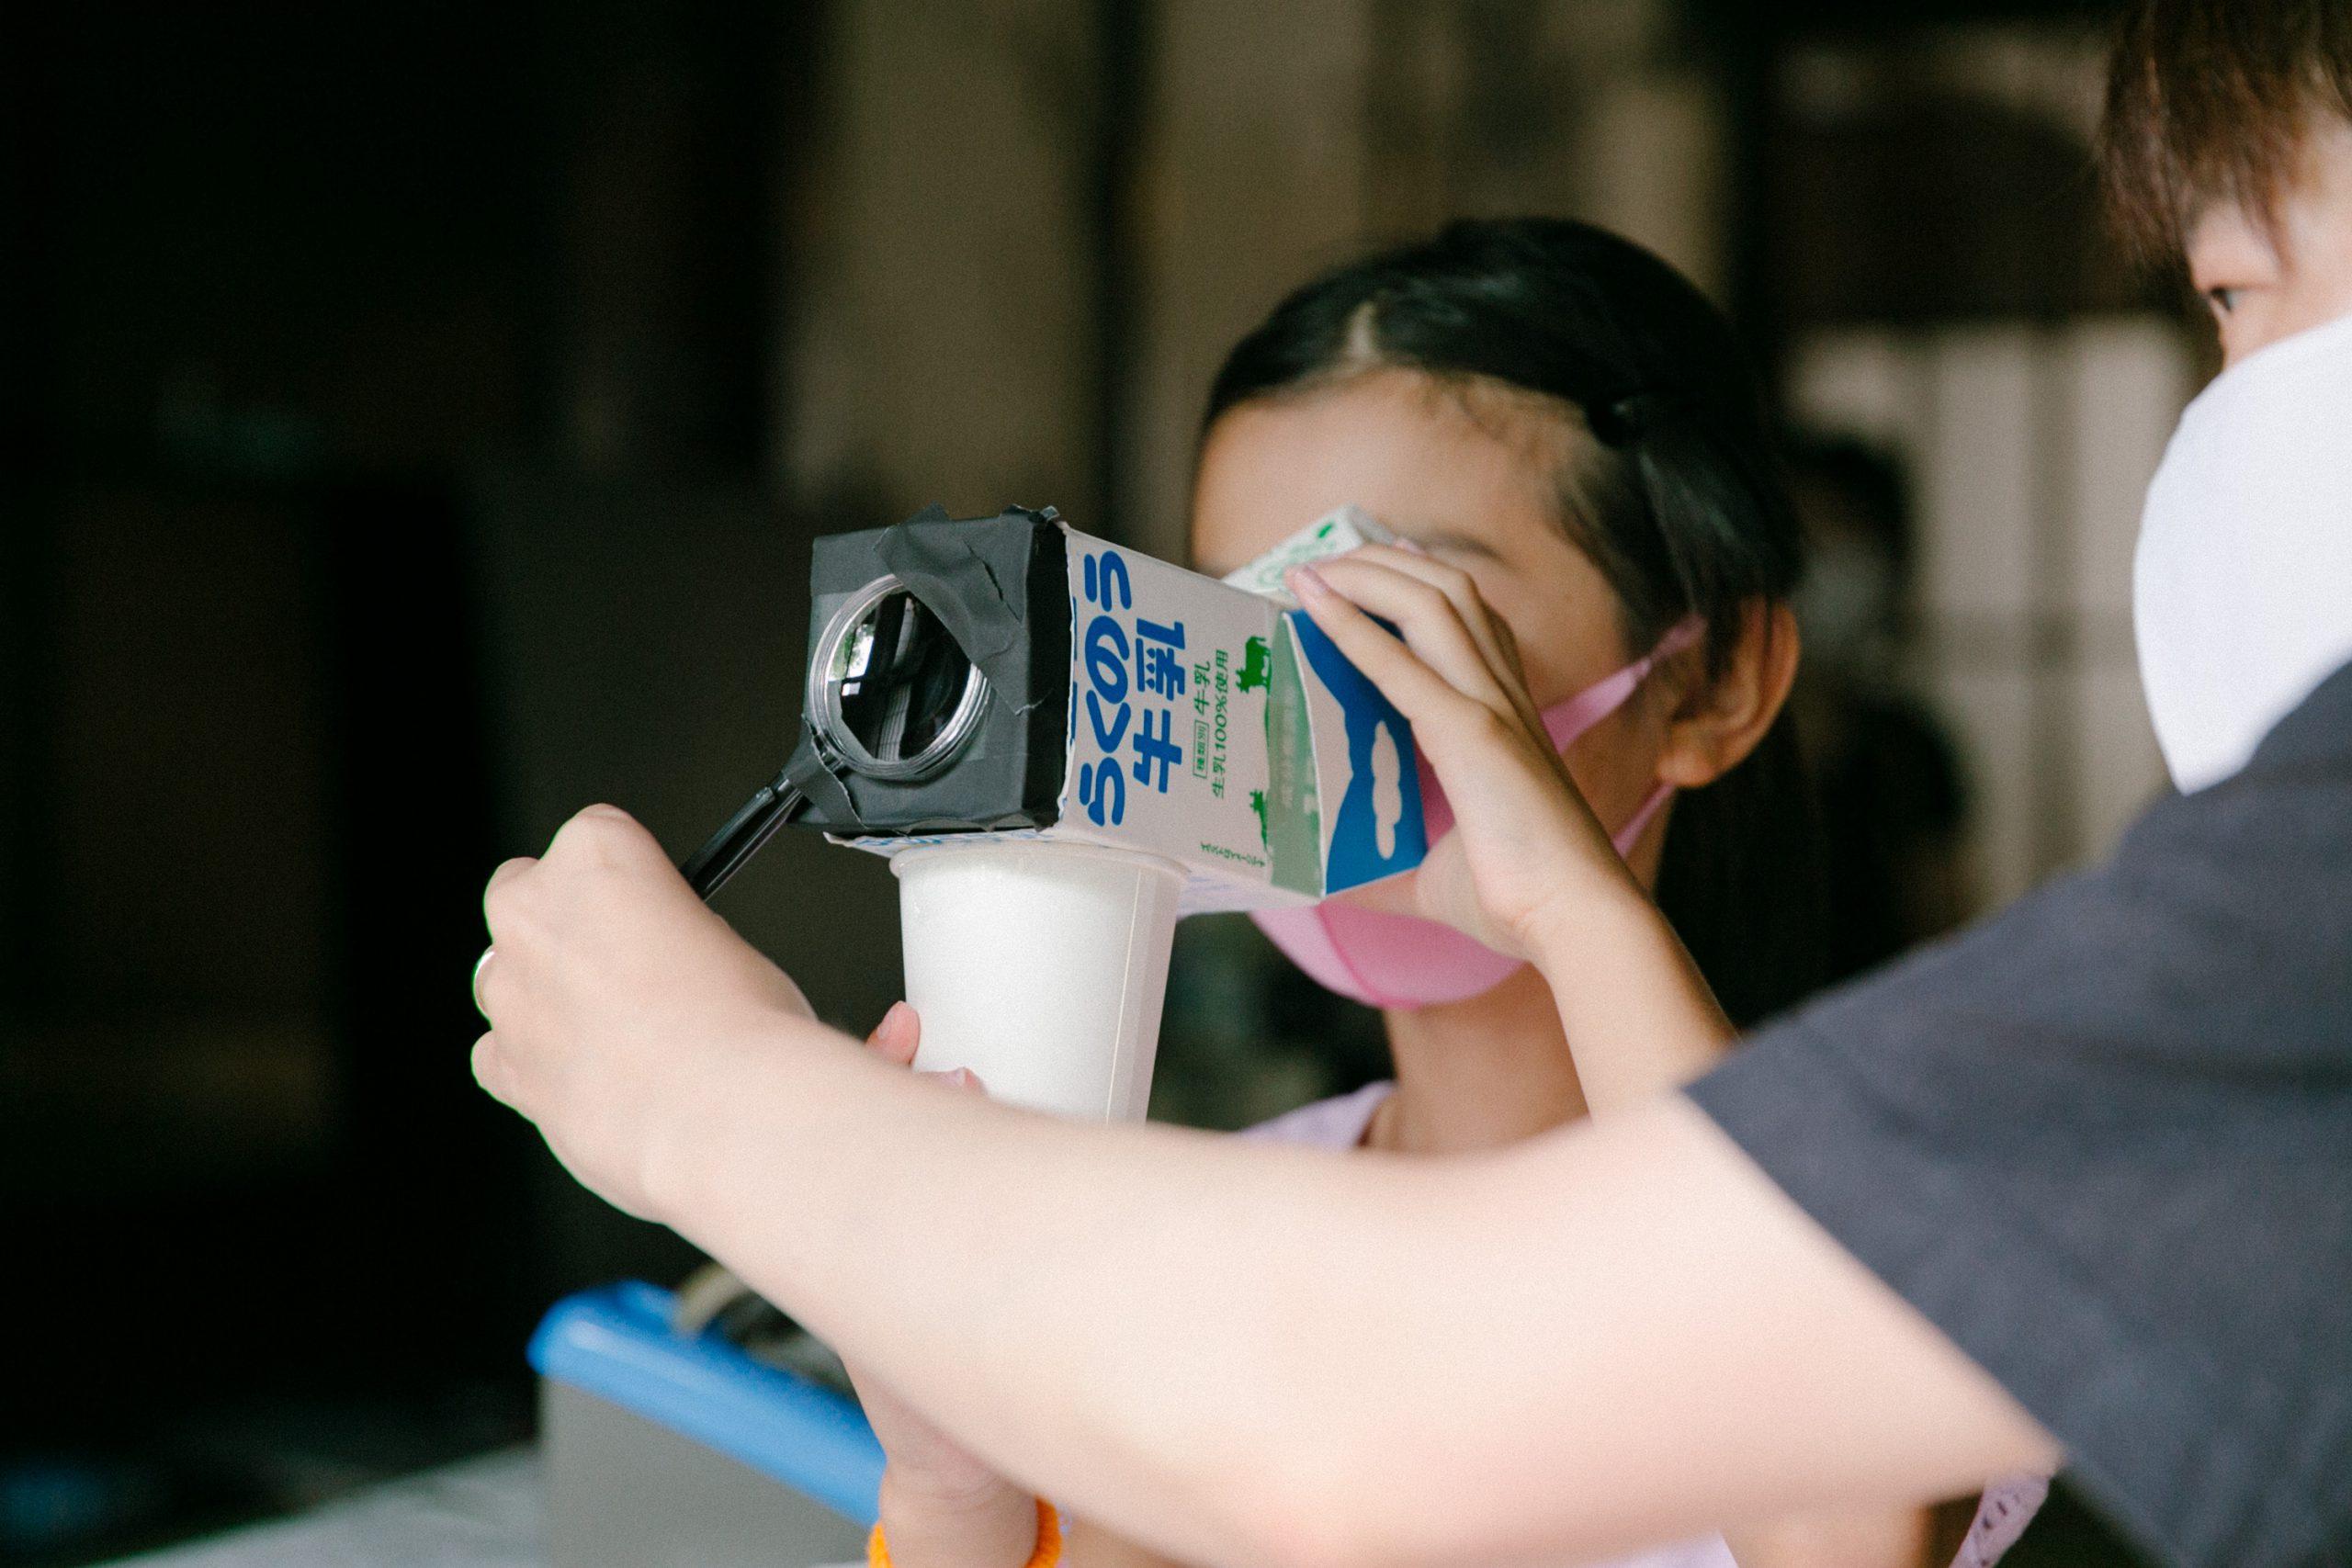 2020.12.26(土) 虫めがねカメラ作り体験 vol.2